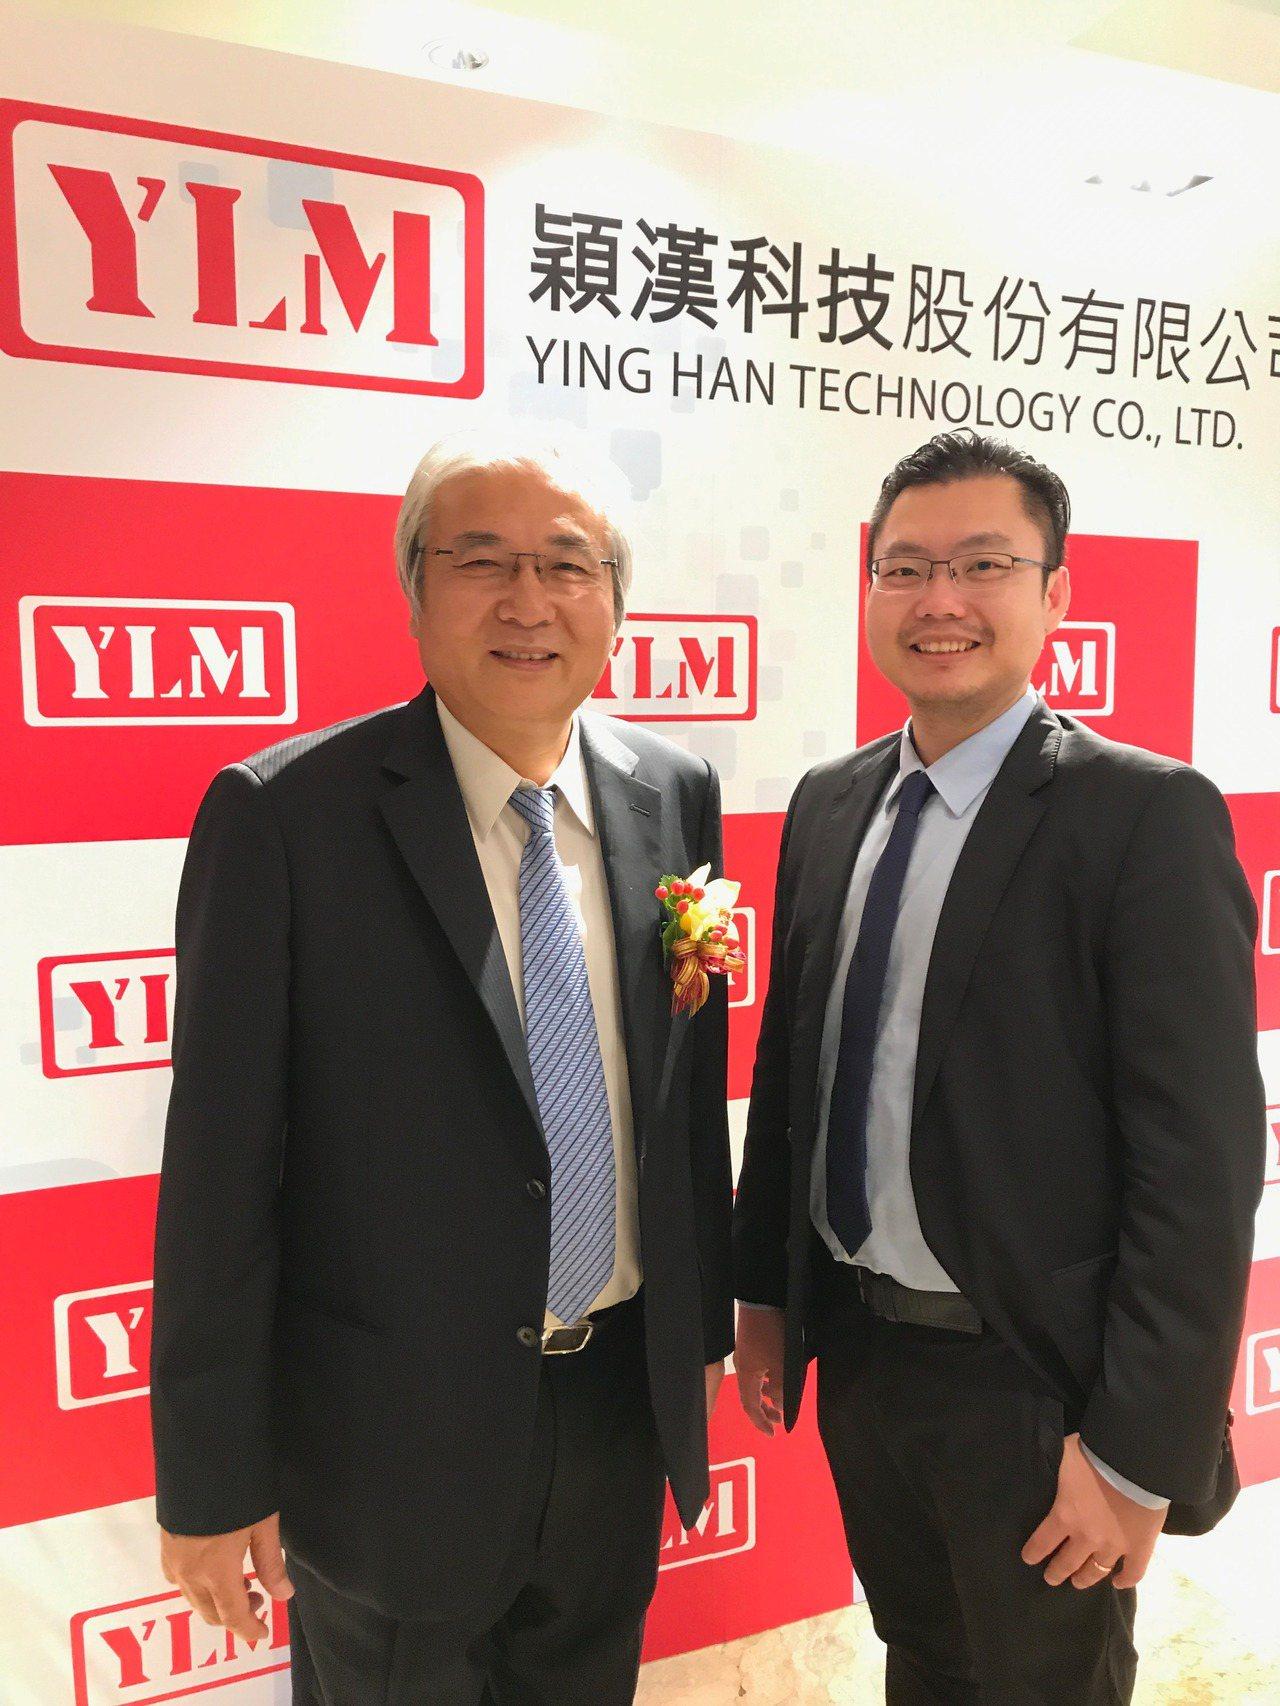 穎漢科技董事長胡炳南(左)與第二代去年剛接任總經理穎漢總經理胡峻嘉合照。攝影/記...